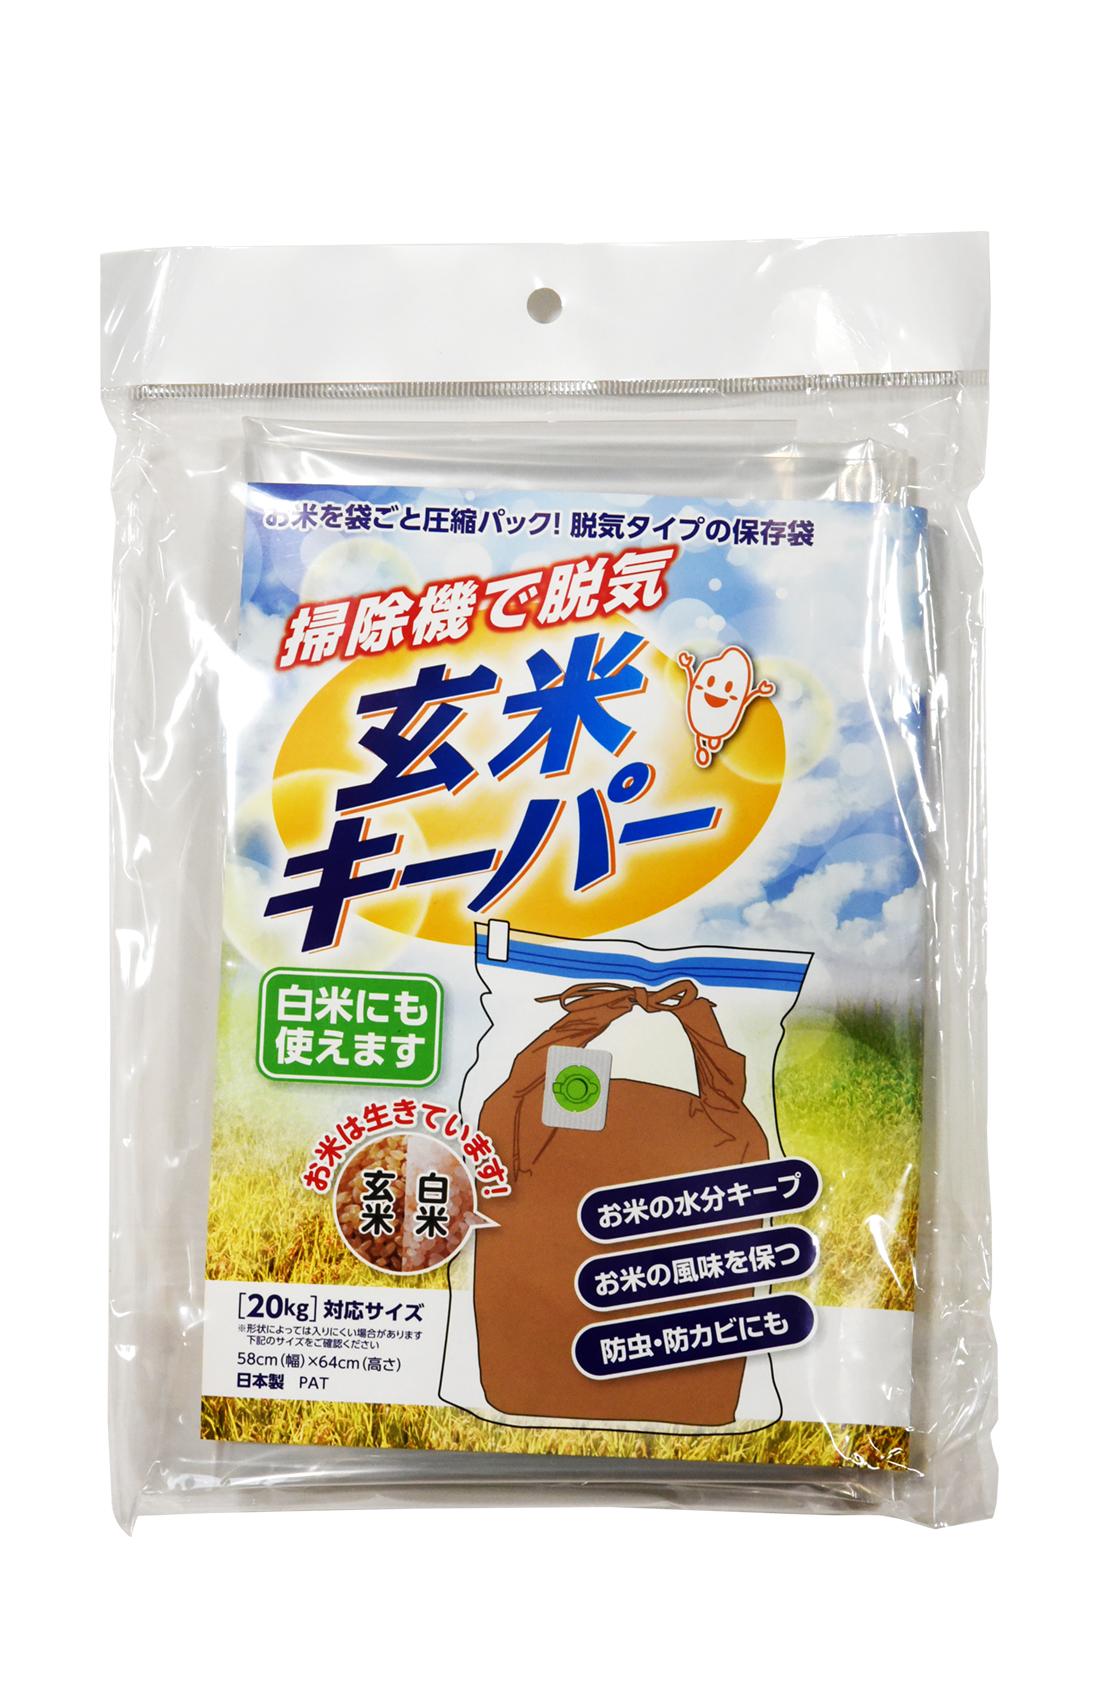 玄米キーパー 20kg用1枚入り